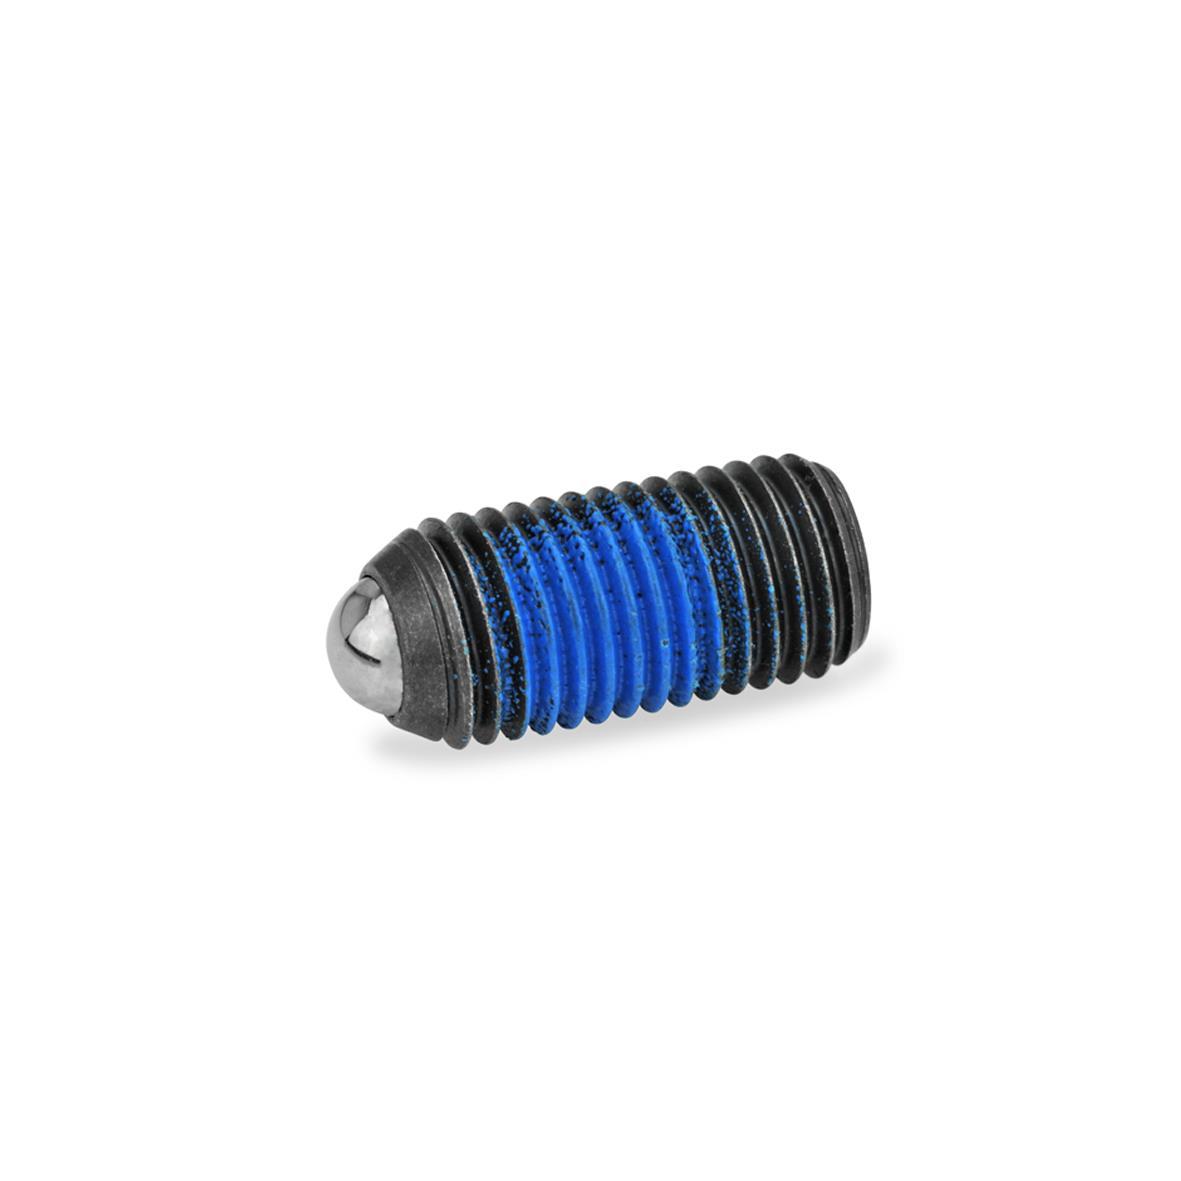 GN 615.3 Poussoirs à ressort avec verrouillage de filetage, acier/inox Type: K - Acier, ressort à charge standard Verrouillage de filetage: PFB - Patch polyamide